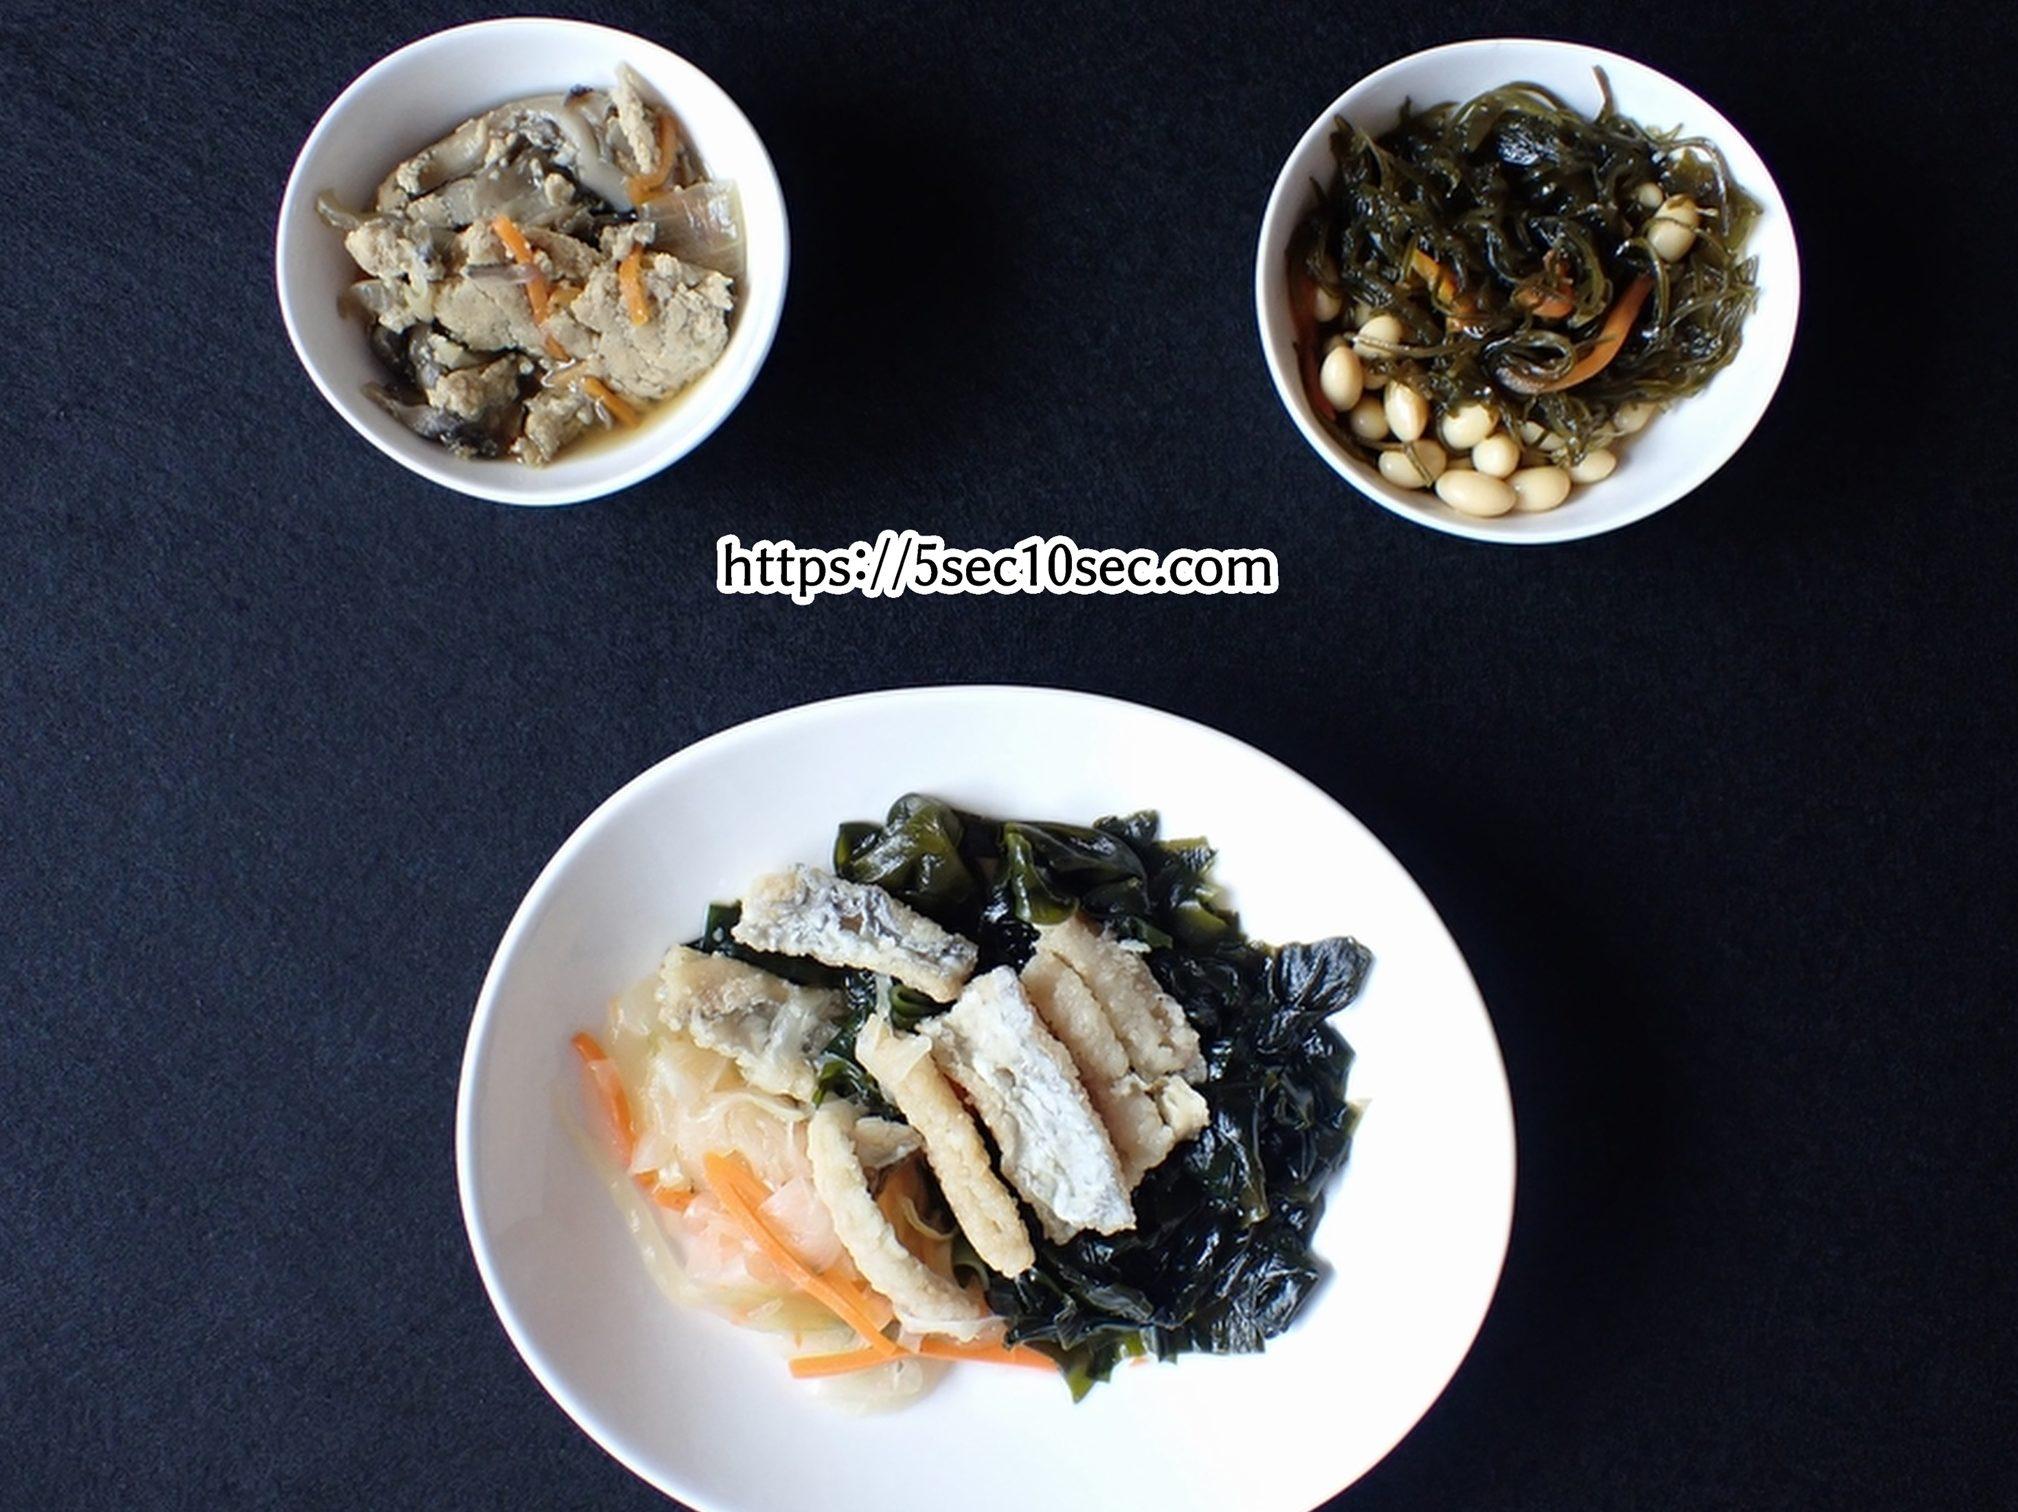 わんまいる 健幸ディナー 瀬戸内海産 太刀魚の南蛮漬けセット 解凍後に盛りつけた写真